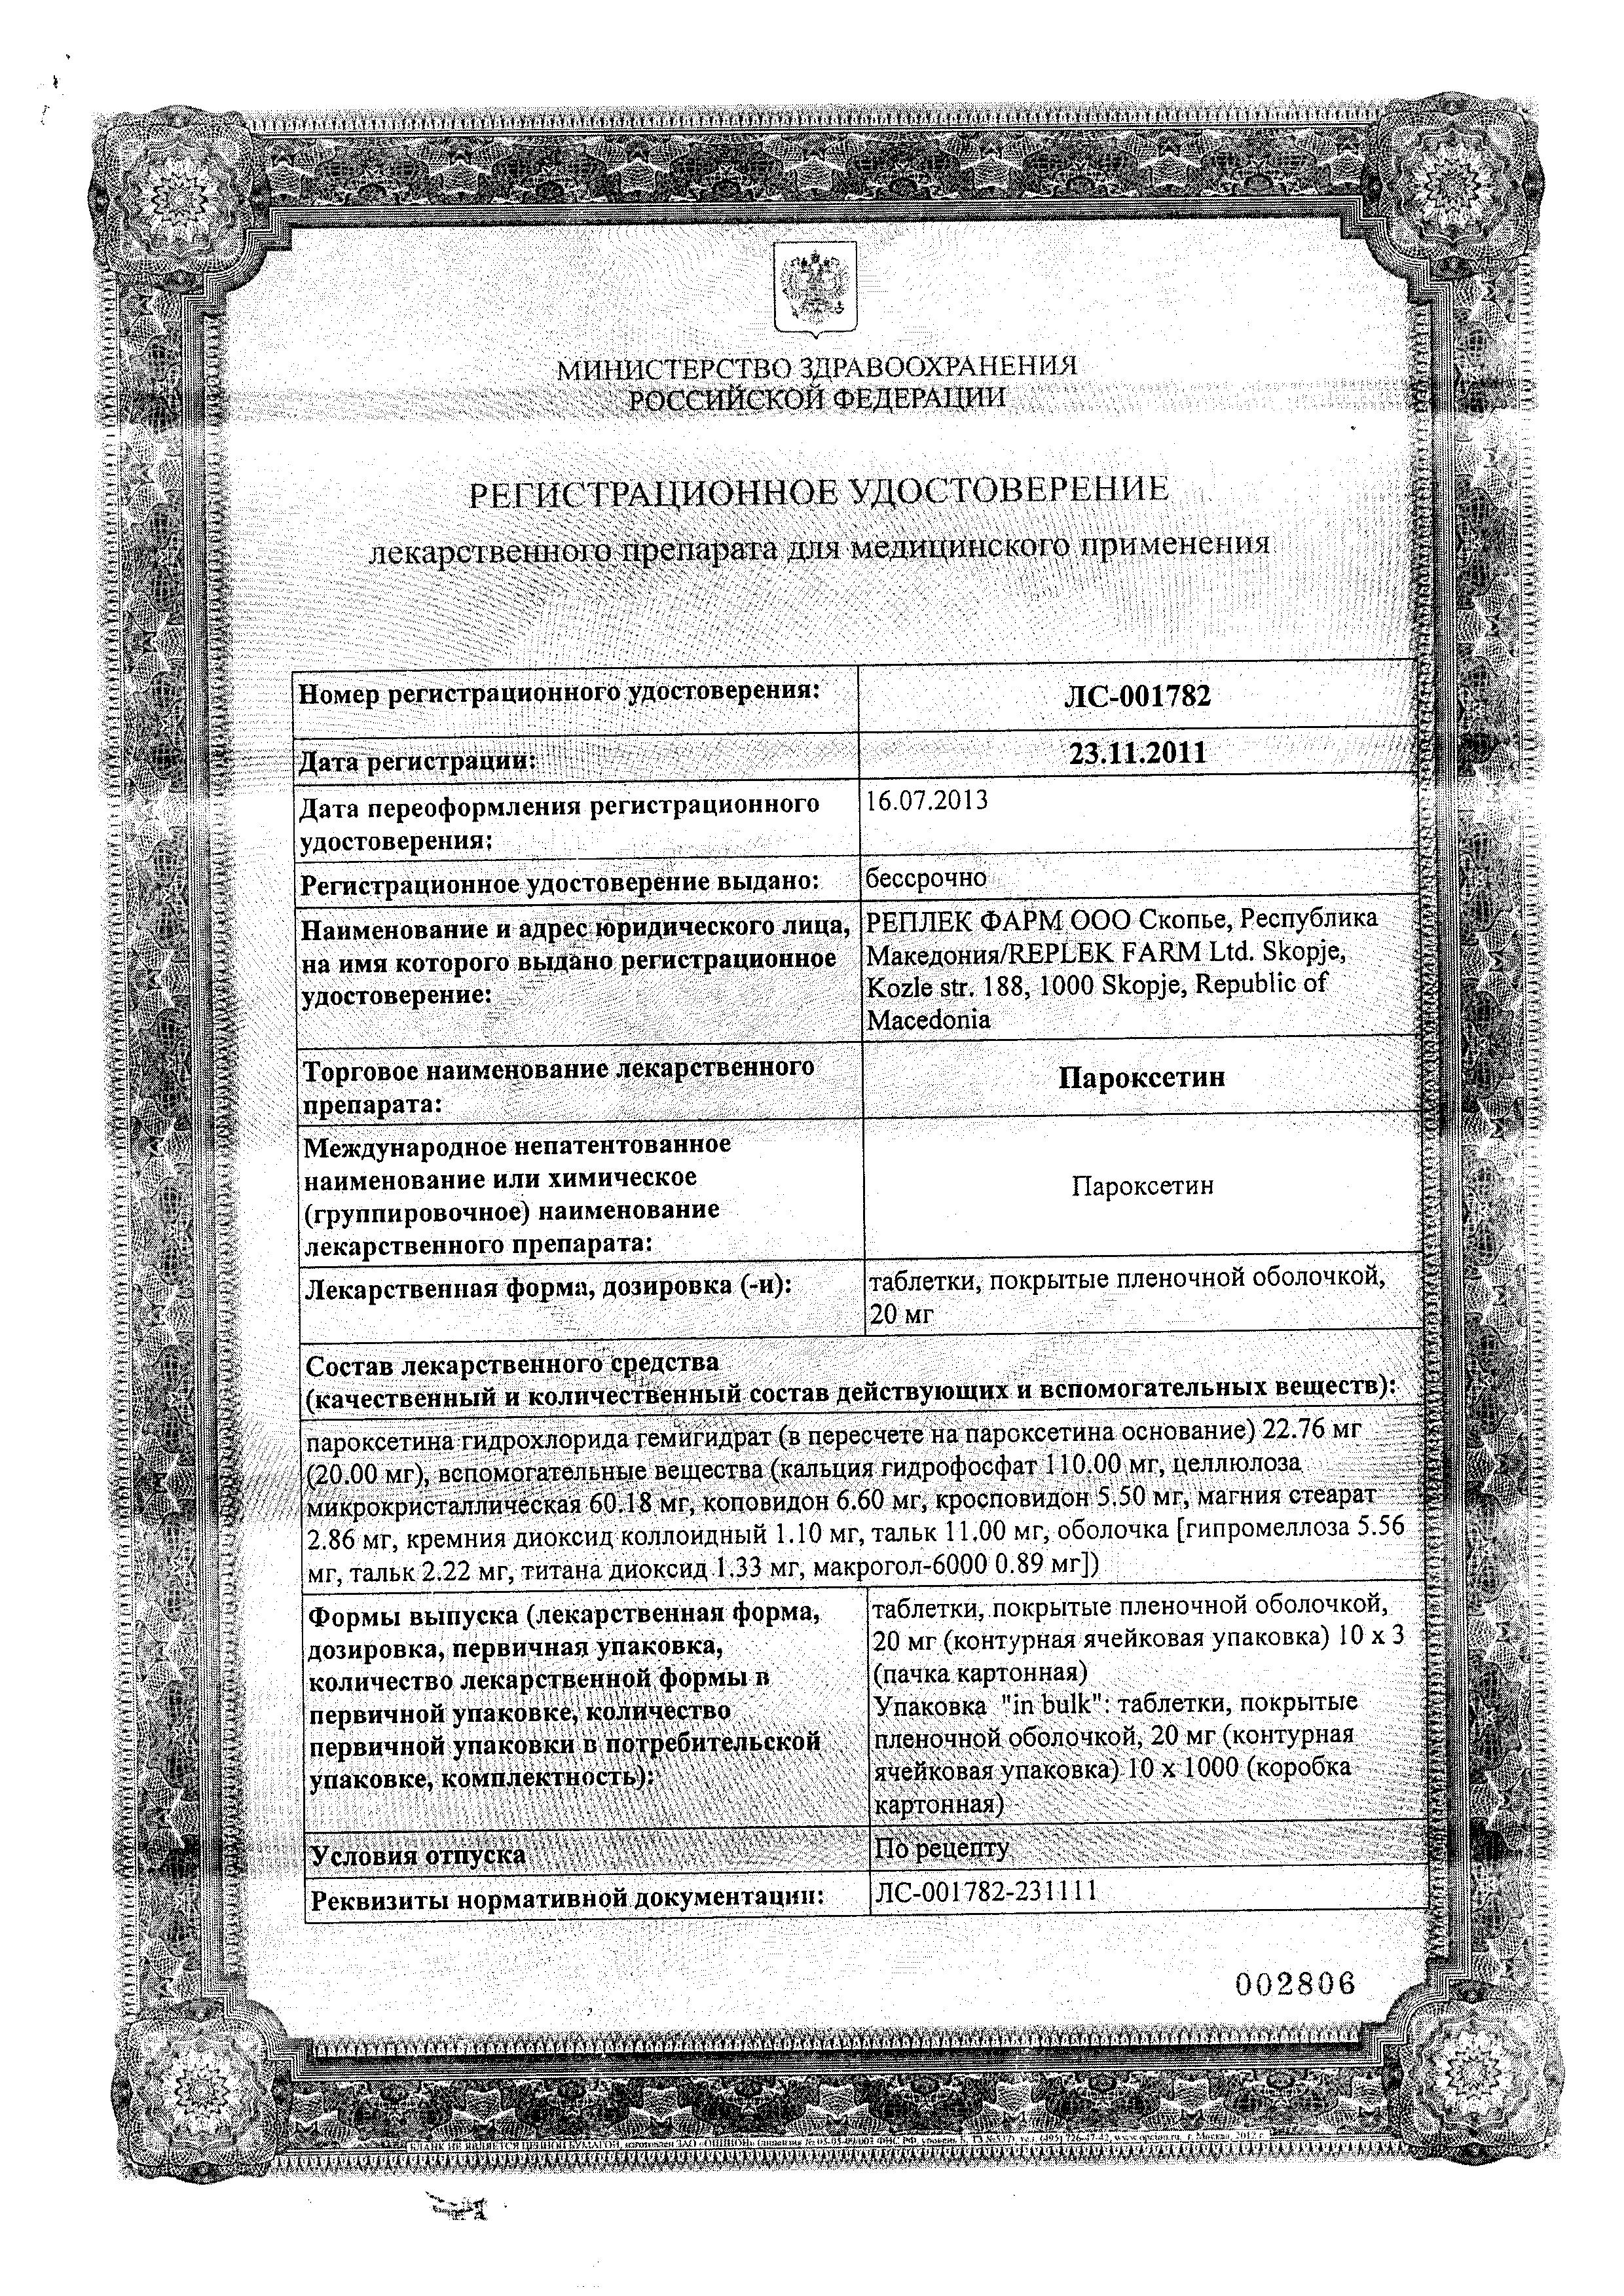 Пароксетин сертификат